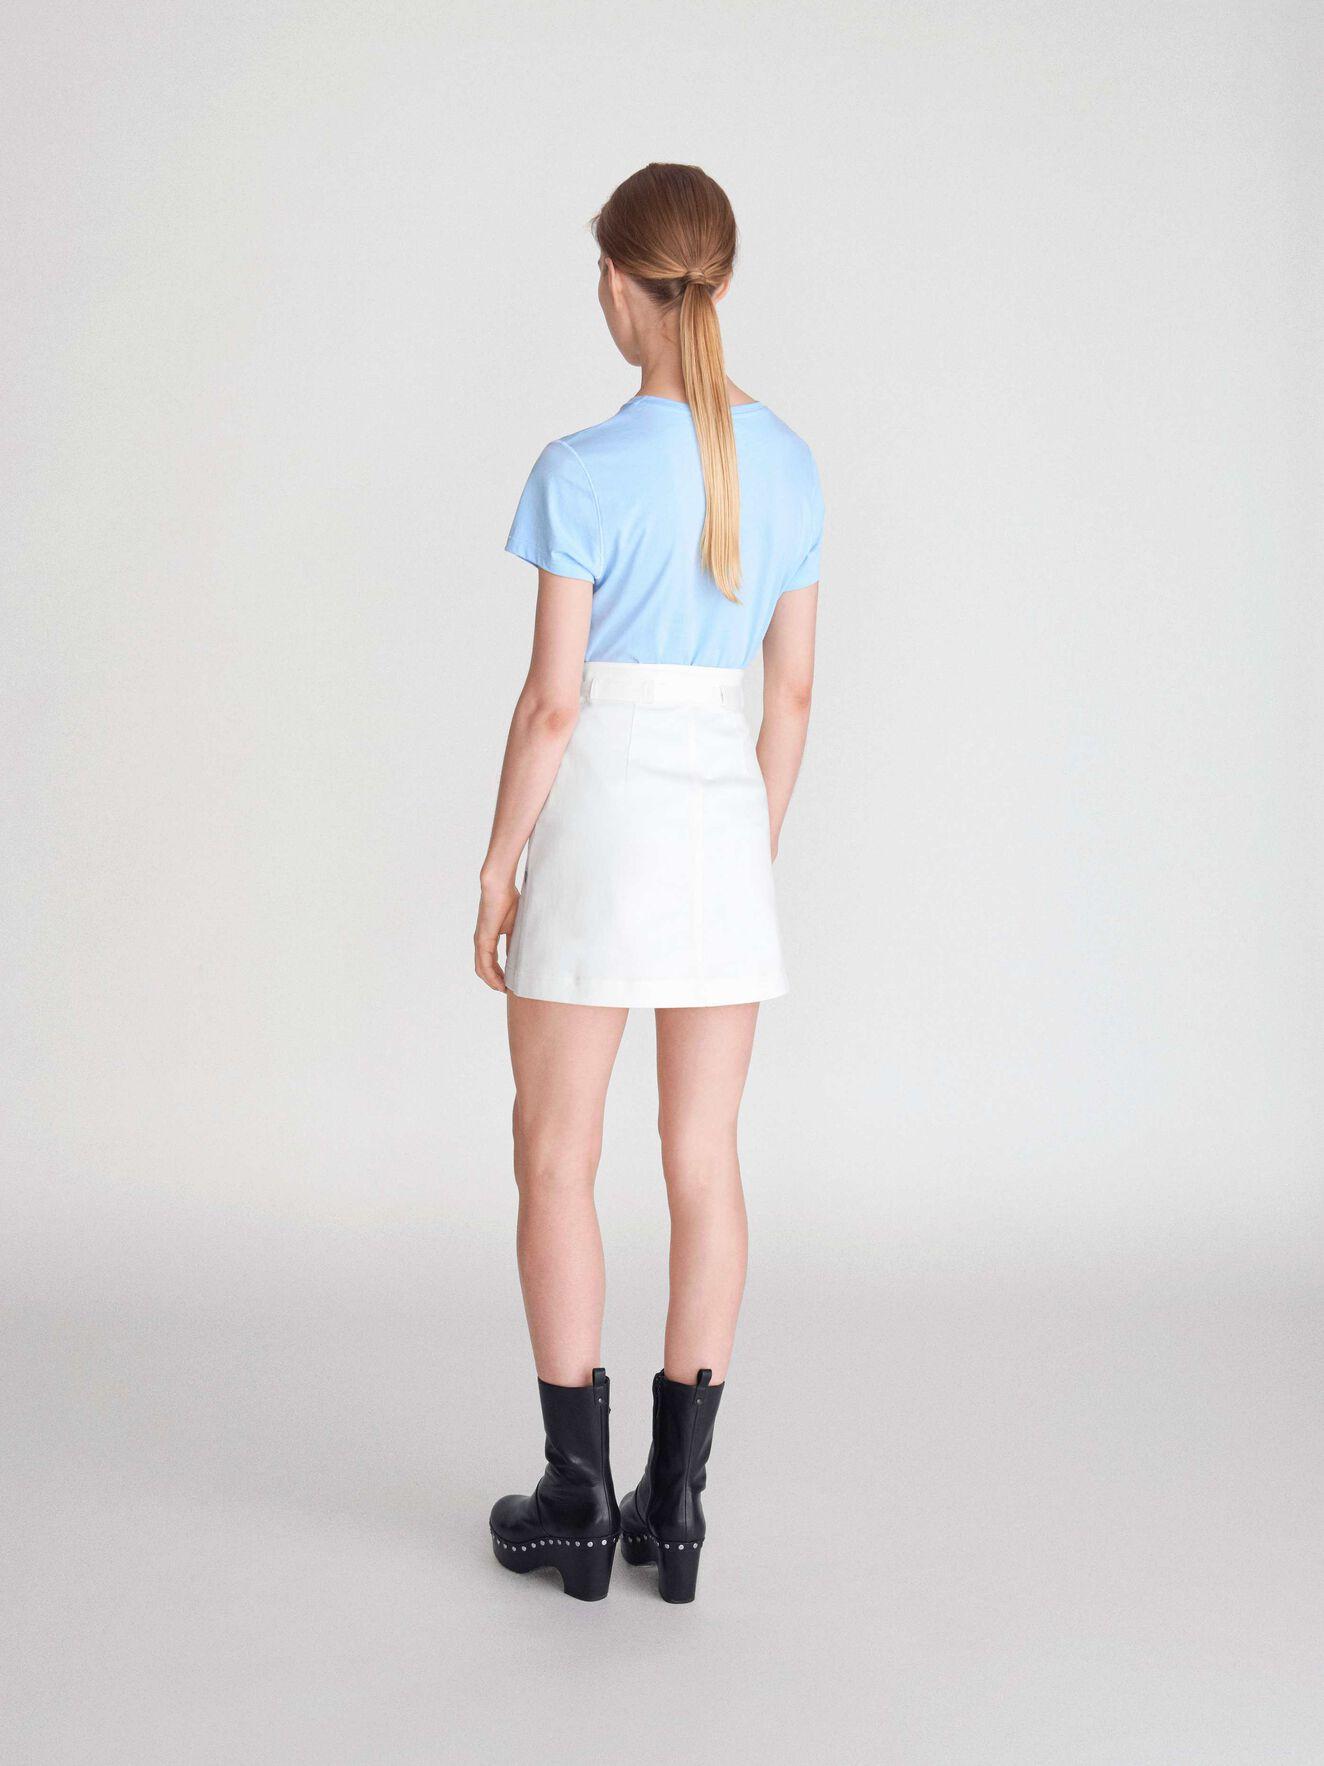 Popsicle Skirt in White Light from Tiger of Sweden